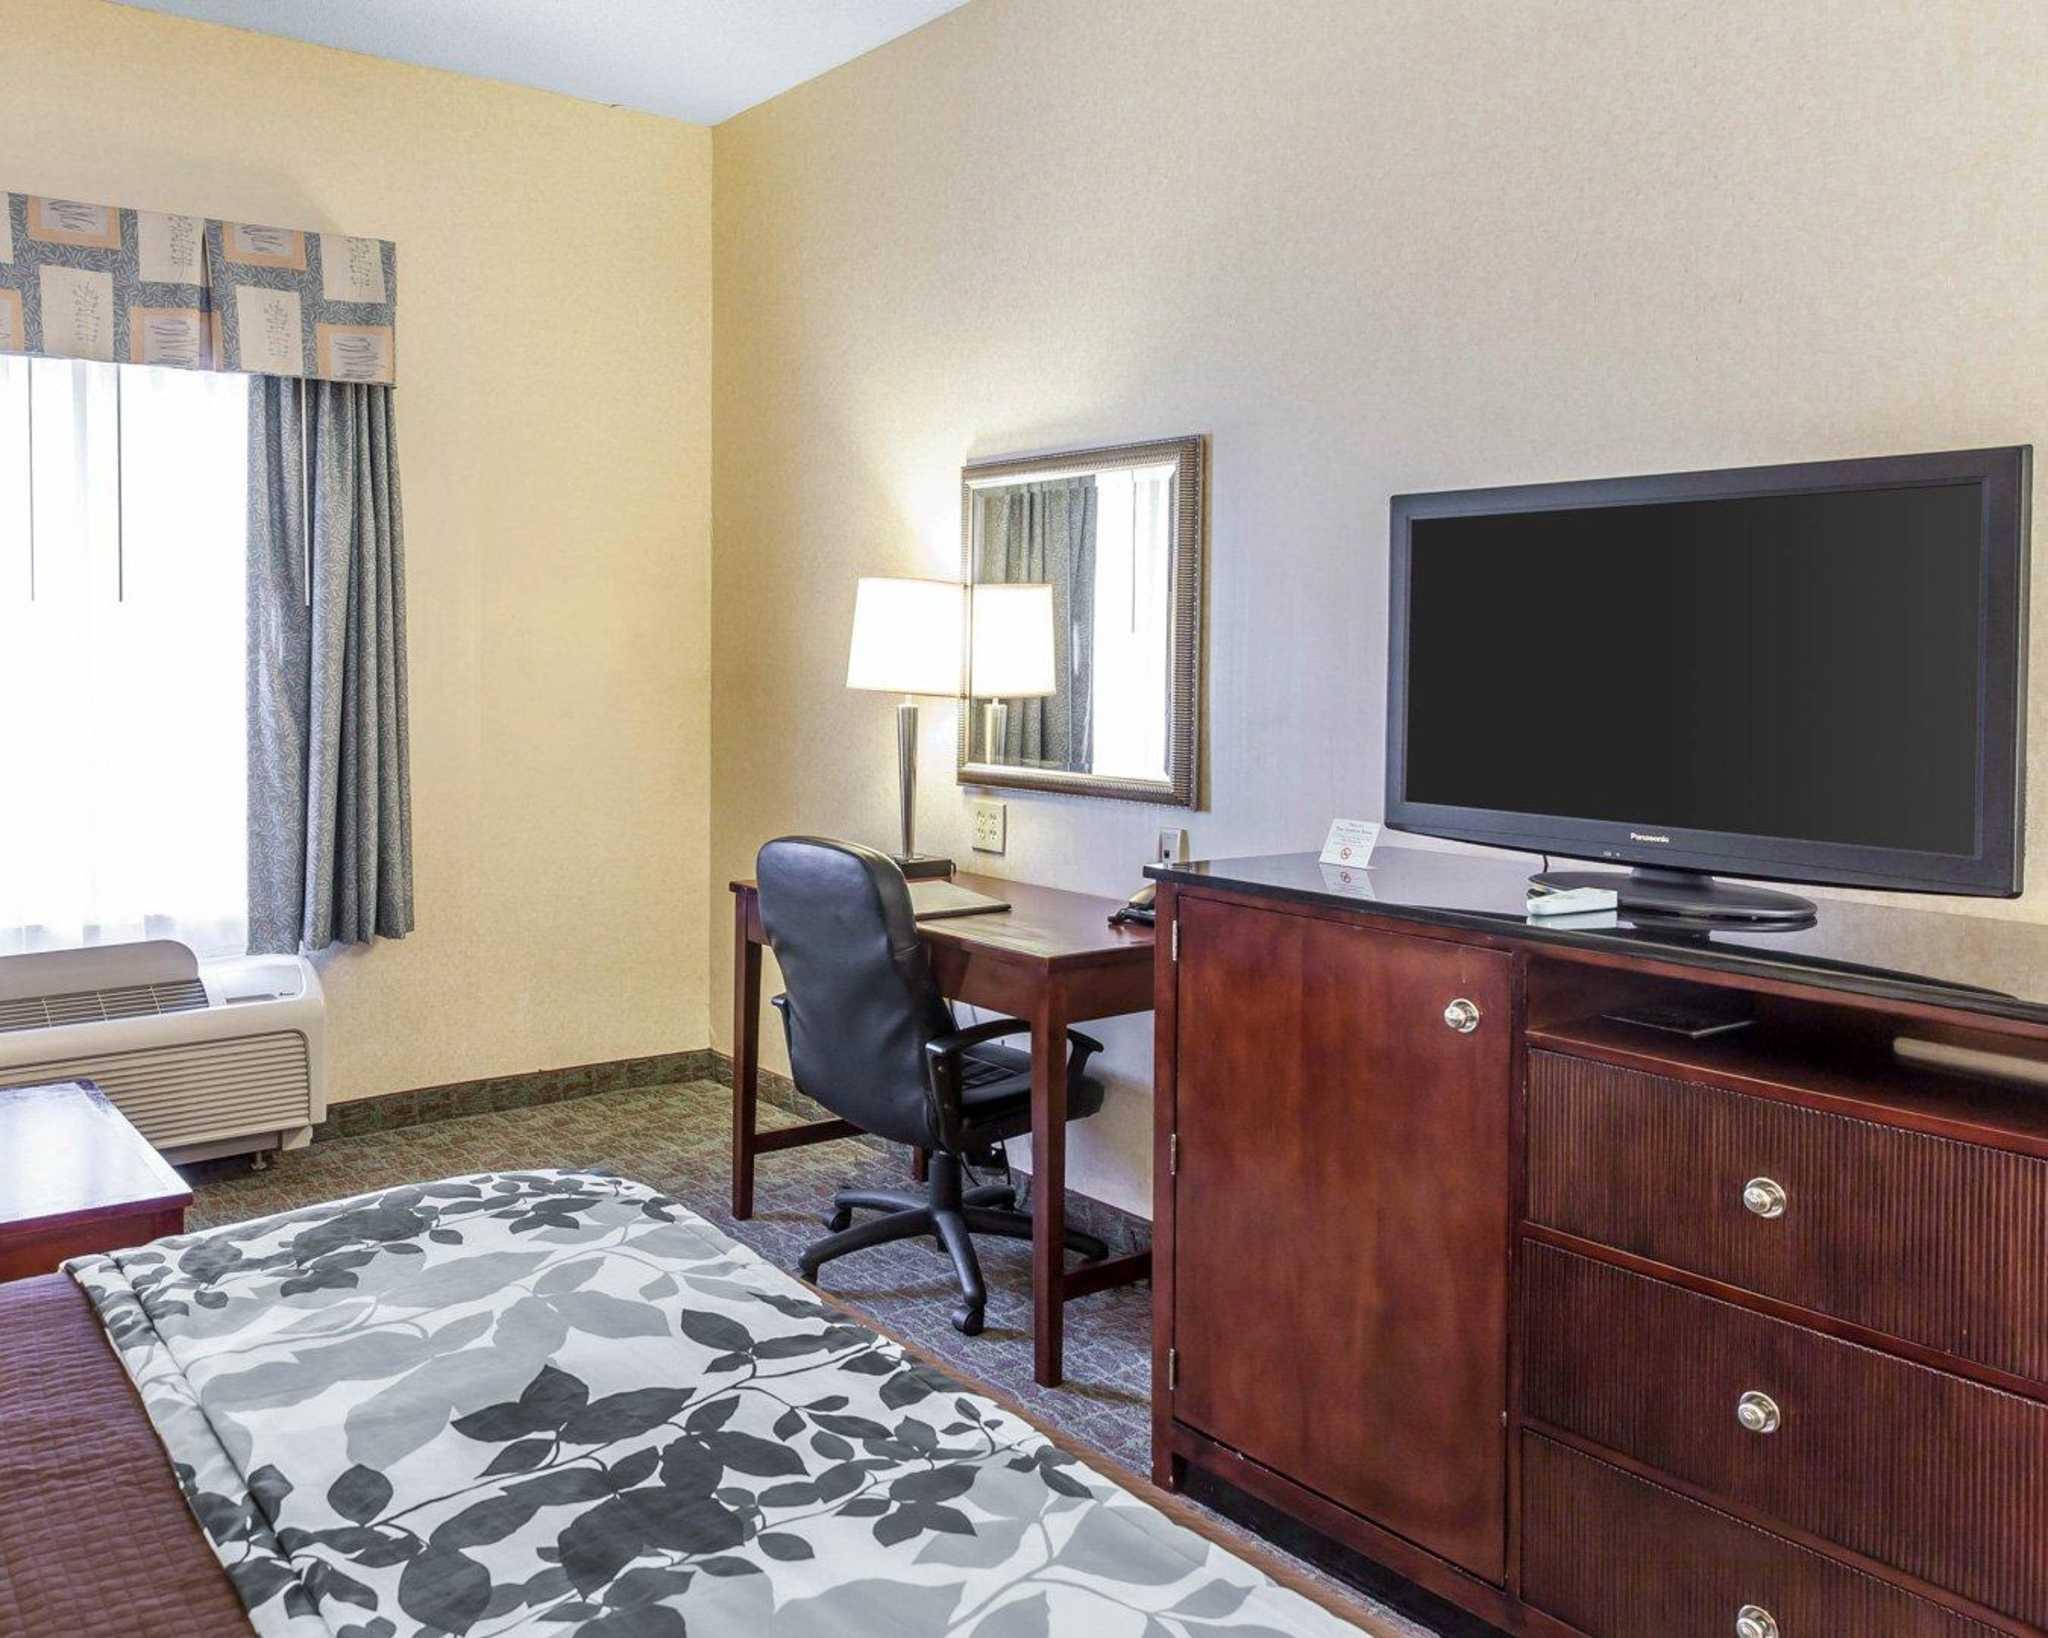 Sleep Inn & Suites Upper Marlboro near Andrews AFB image 27